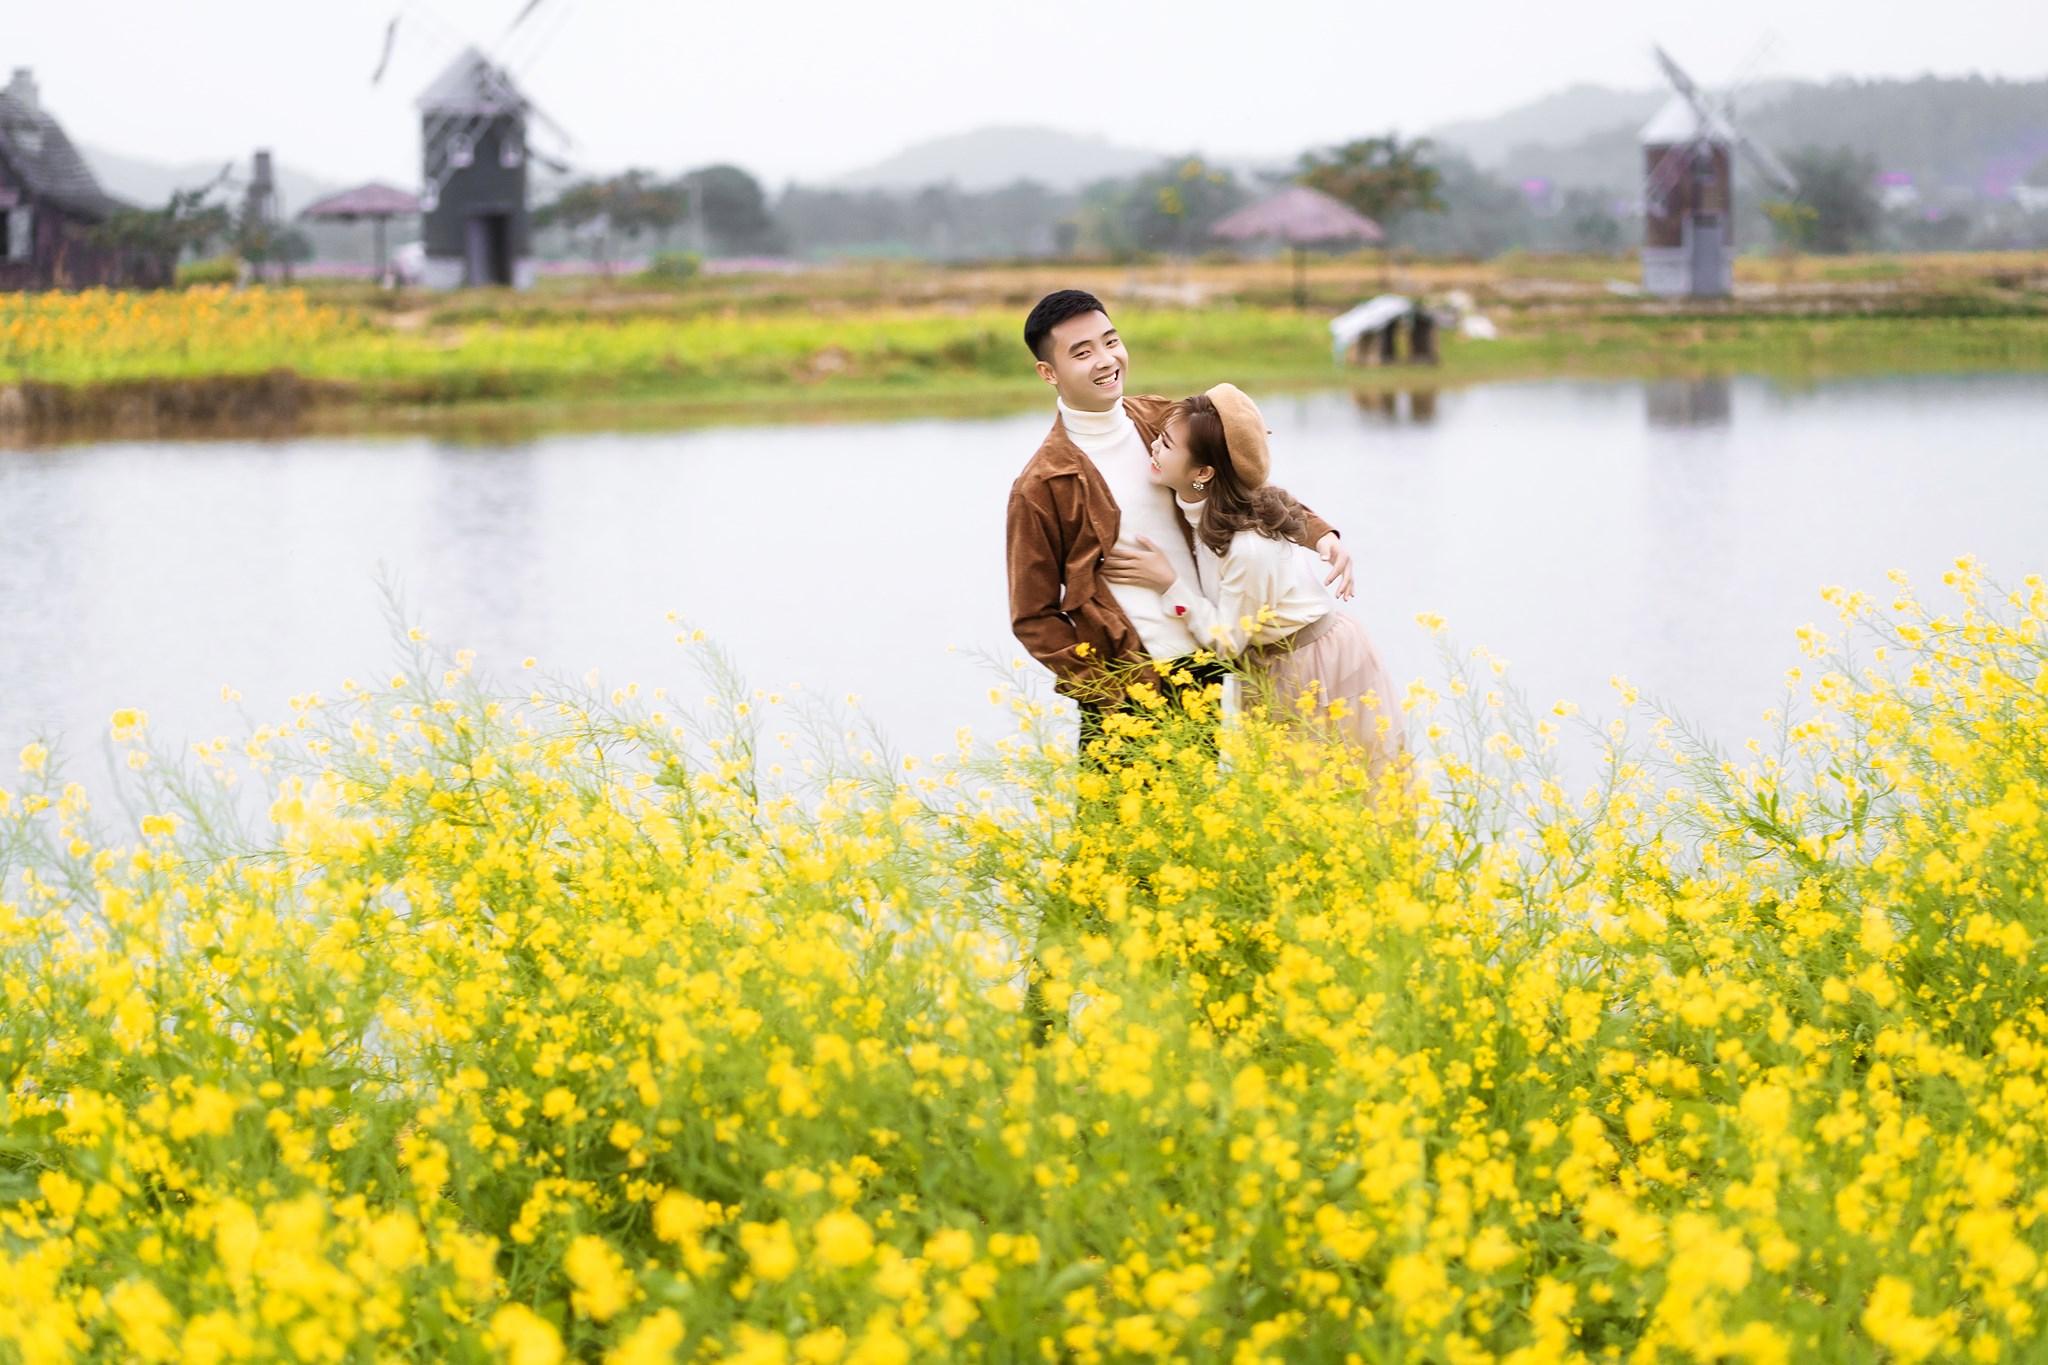 See stuido -Một trong những studio chụp ảnh cưới đẹp tại Bắc Giang